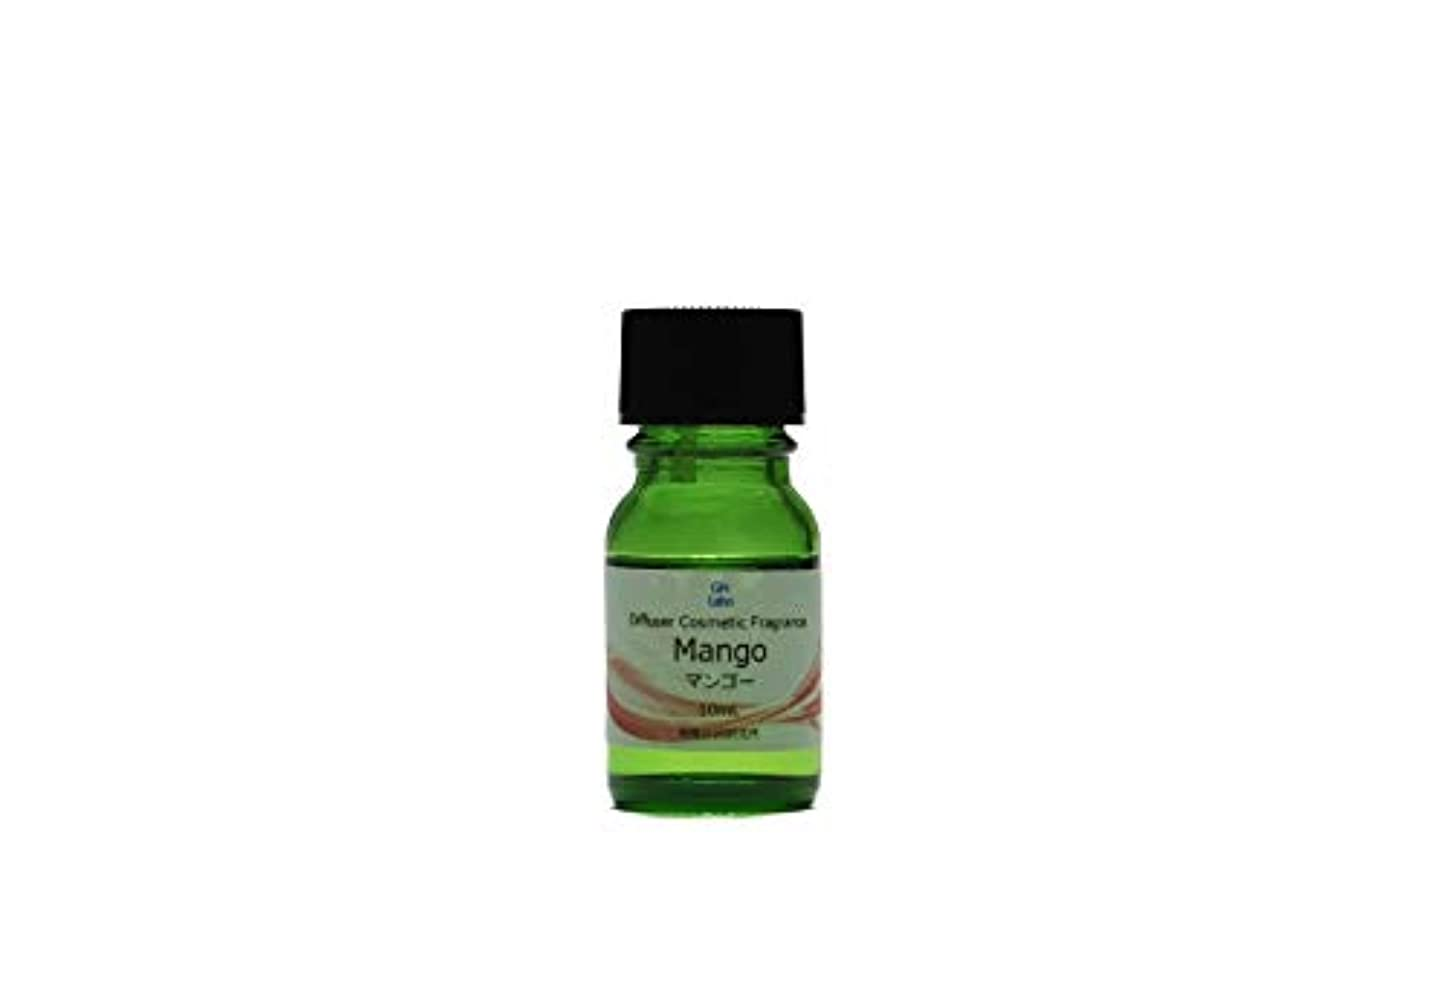 ワゴン修士号アセマンゴー フレグランス 香料 ディフューザー アロマオイル 手作り 化粧品用